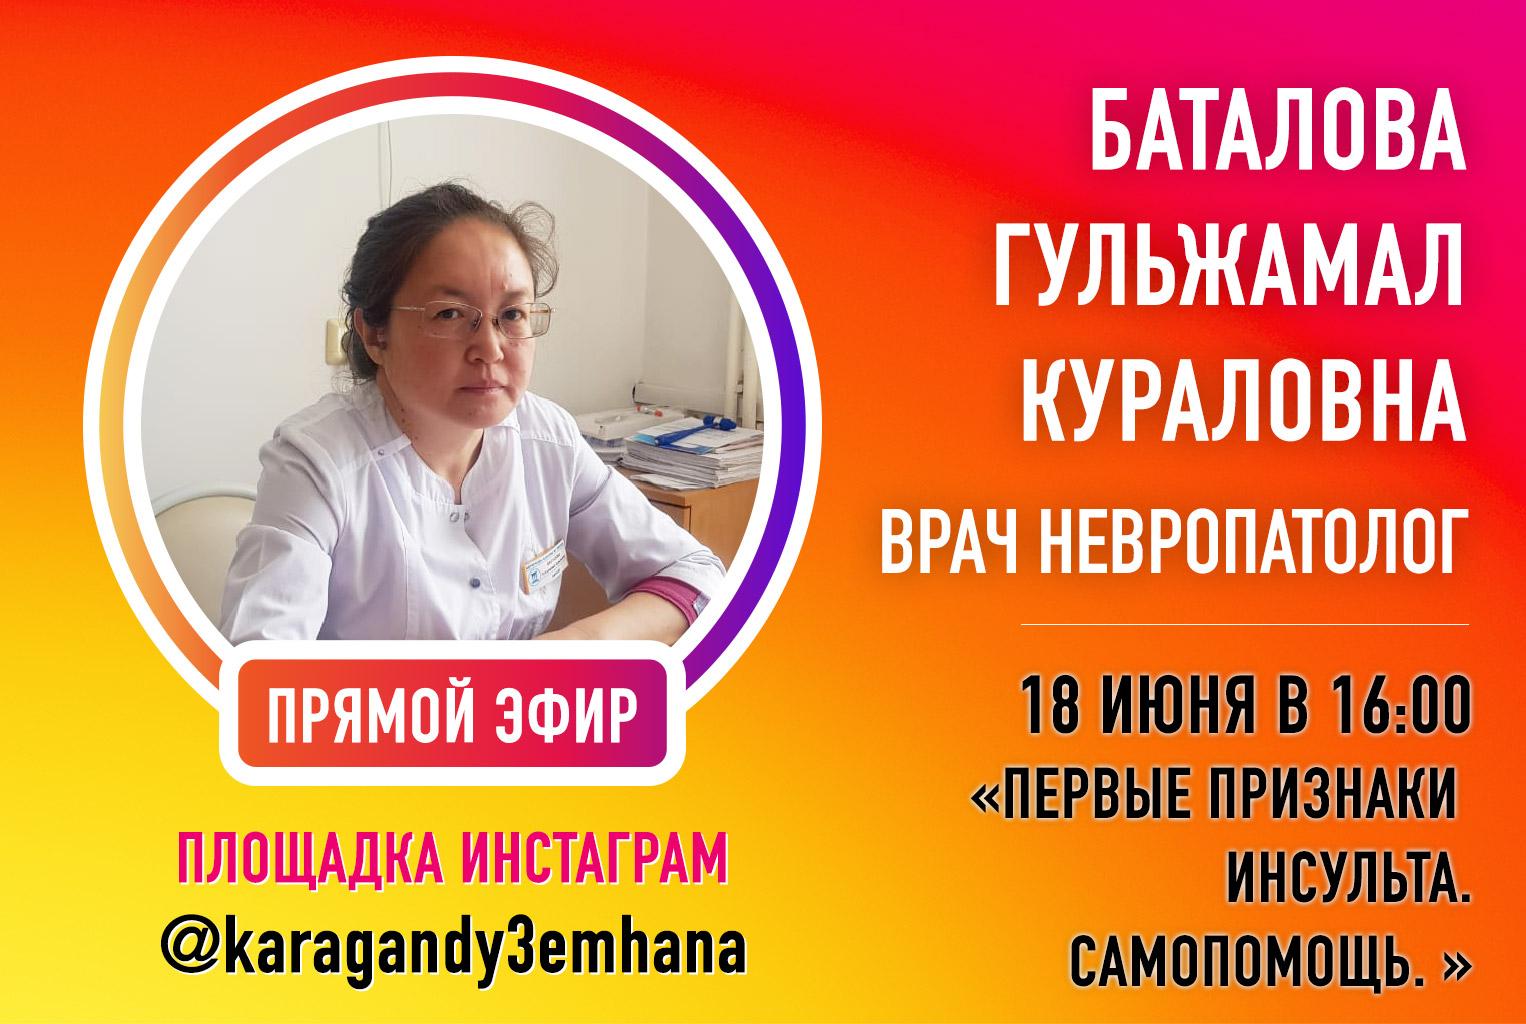 Баталова--Гульжамал--Кураловна